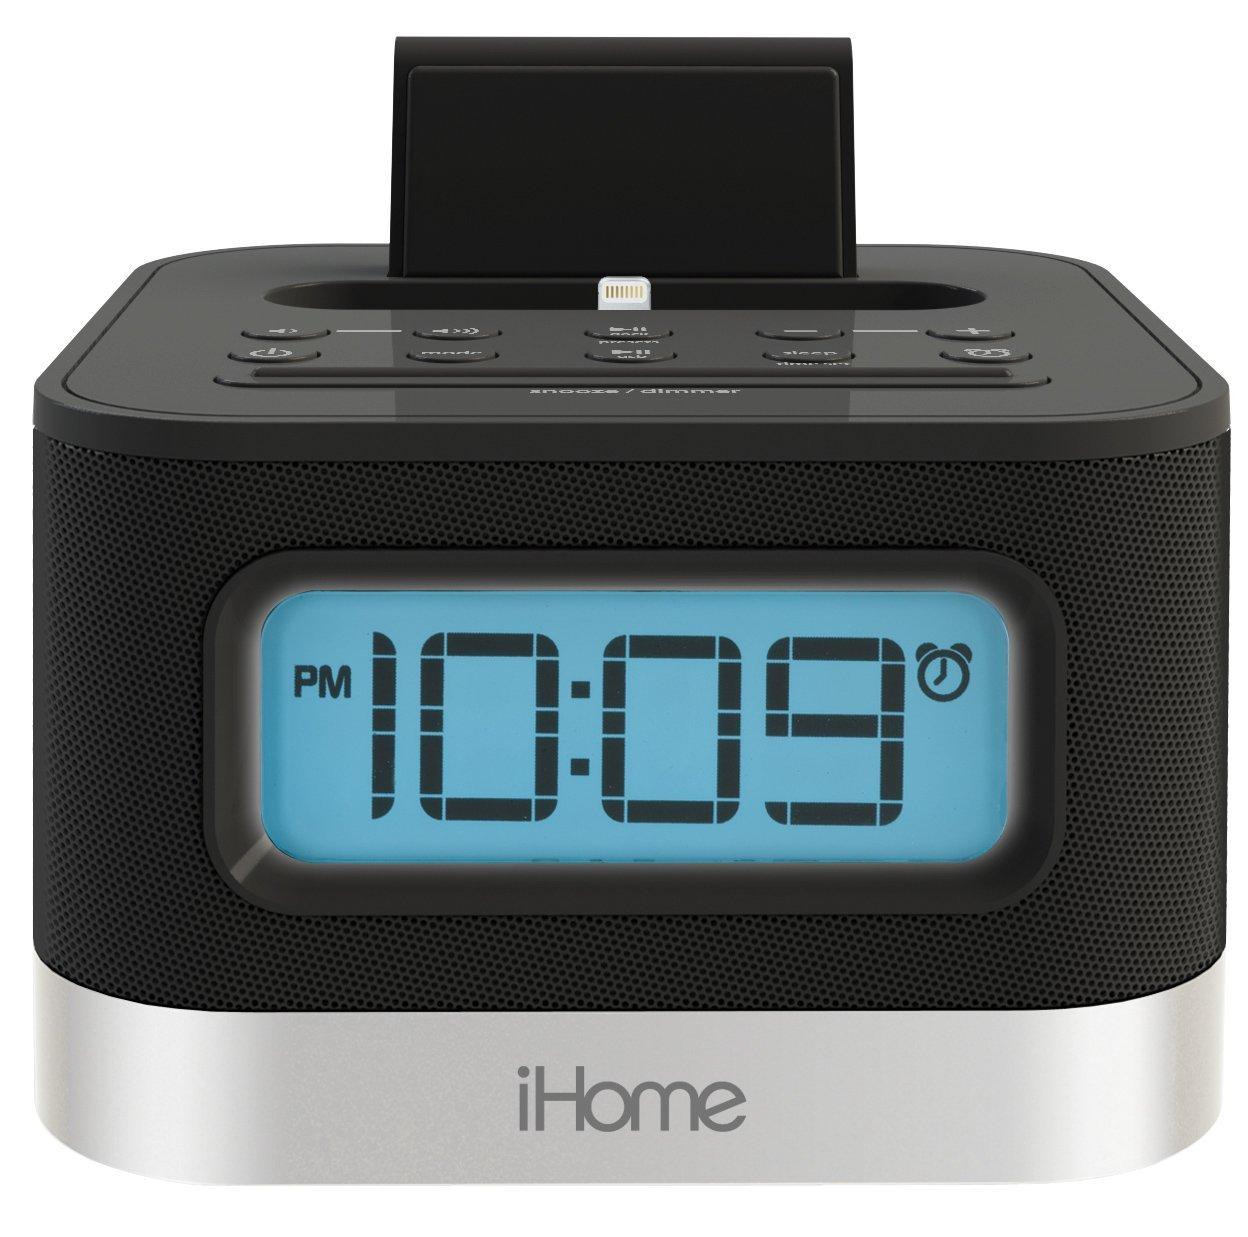 Máy Radio   IHome ipl8bn stereo FM radio của đồng hồ 5S và iPhone 6 / 5 / 6plus Bolt ở bến tàu.